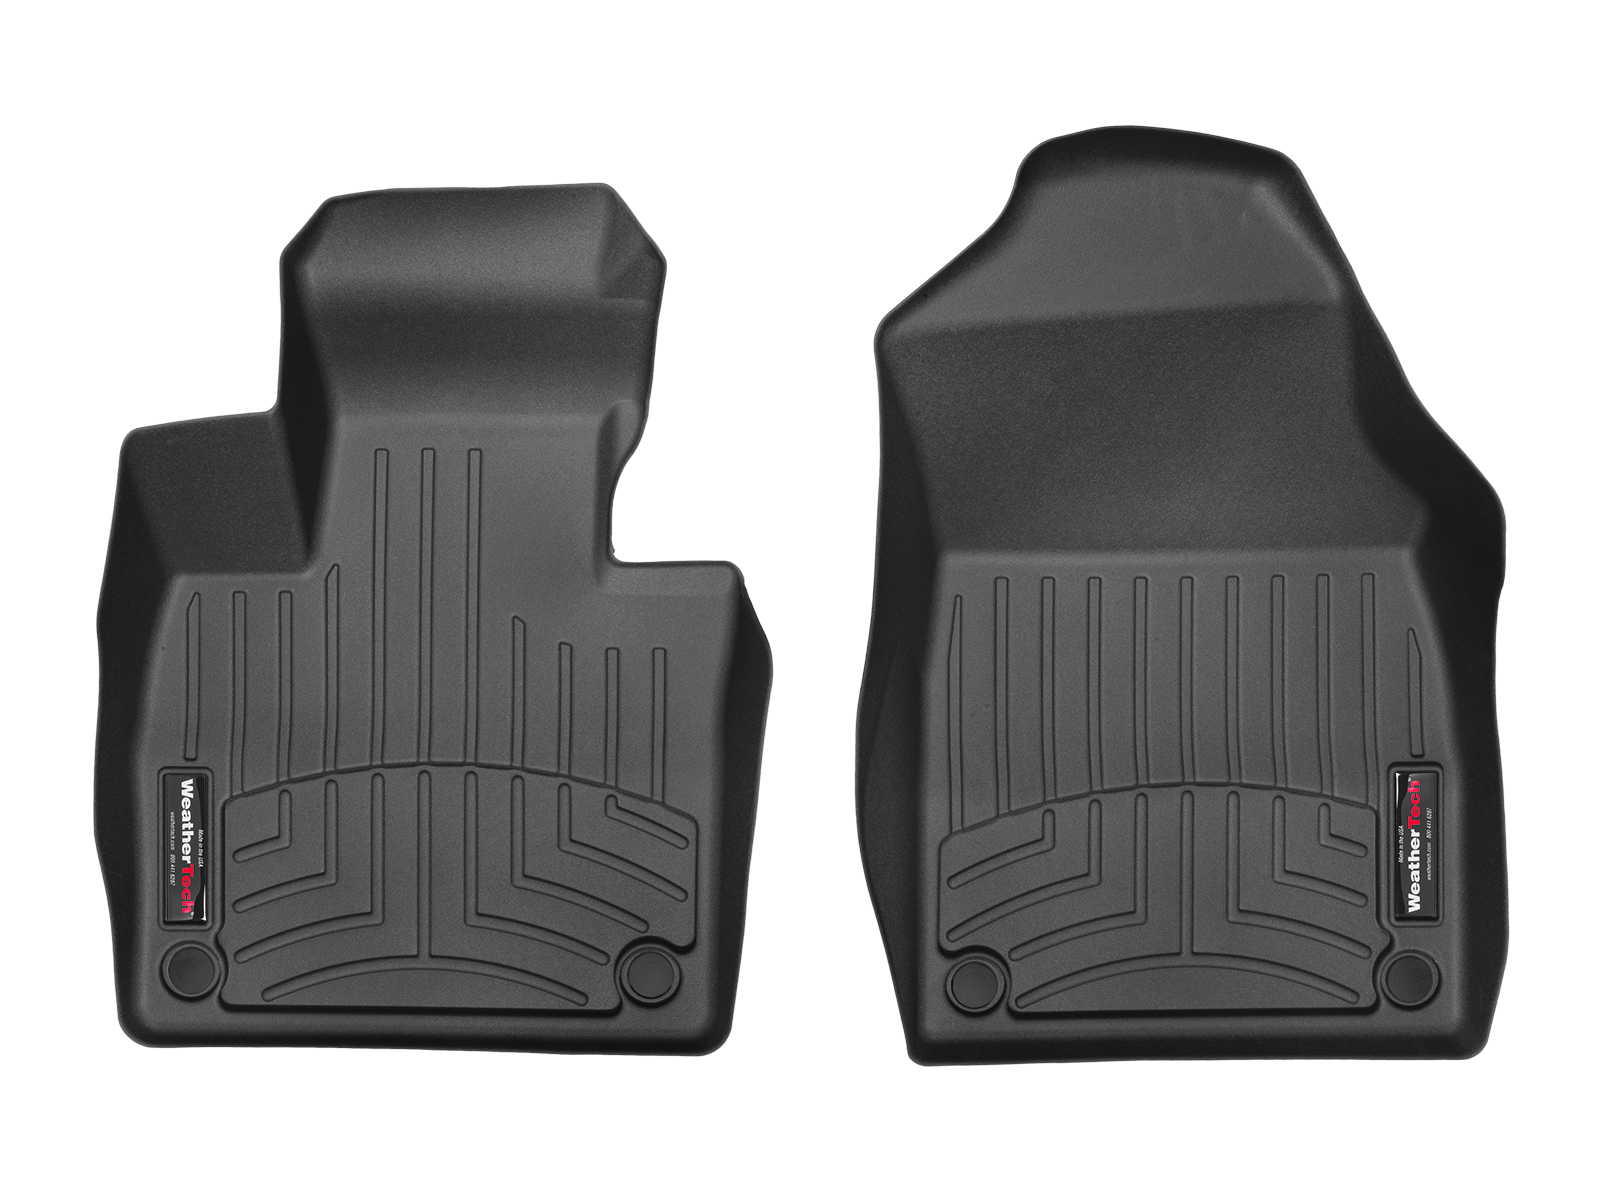 Tappeti gomma su misura bordo alto Volvo XC90 15>17 Nero A4460*